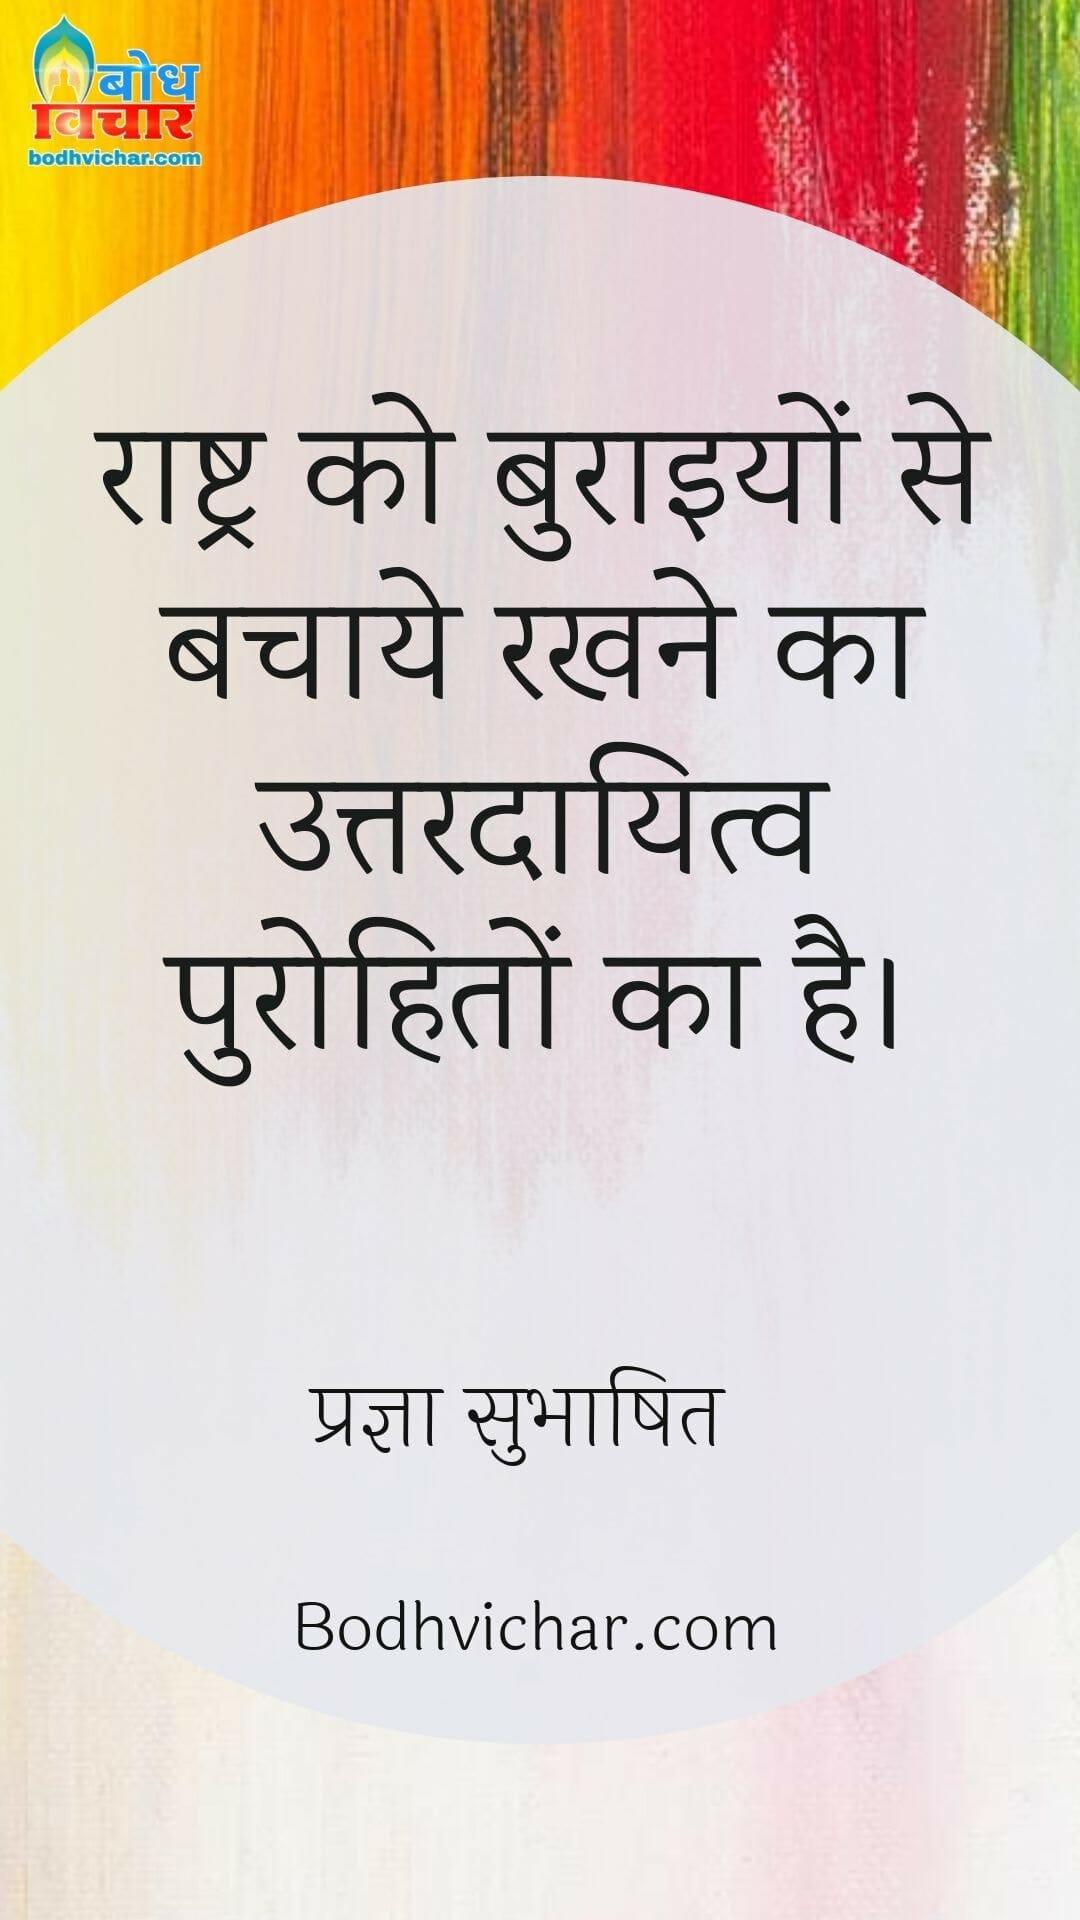 राष्ट्र को बुराइयों से बचाये रखने का उत्तरदायित्व पुरोहितों का है। : Rashtra ko buraaiyon se bachane ka uttardayitva purohito ka hai. - प्रज्ञा सुभाषित